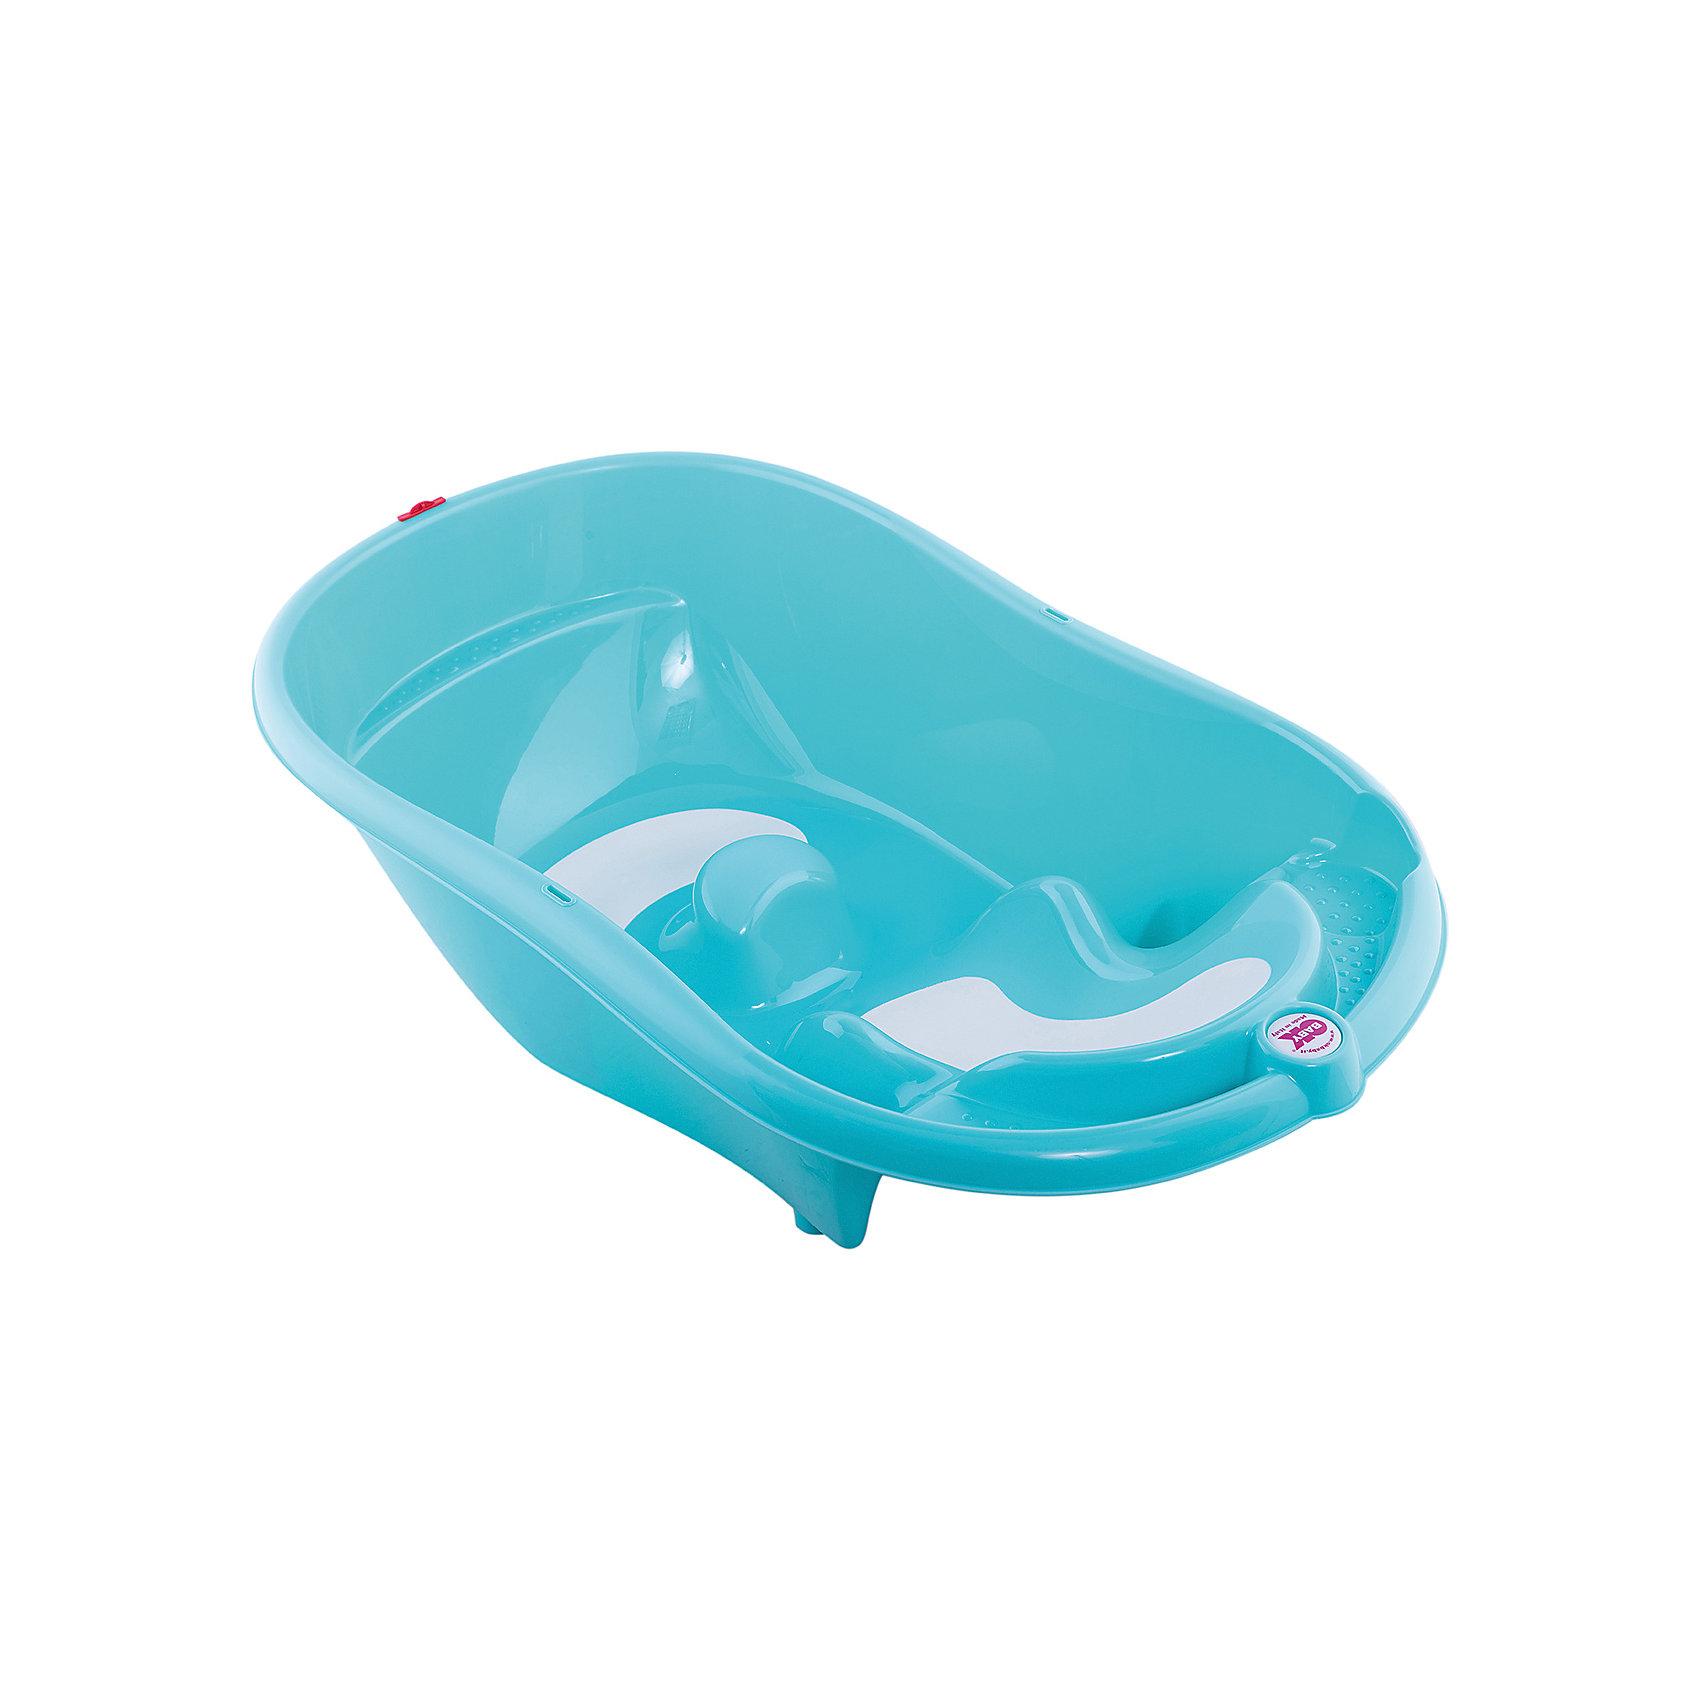 Ванна Onda Evolution, OK Baby, синий прозрачныйВанны, горки, сиденья<br>Ванна Onda Evolution, OK Baby сделает процесс купания Вашего малыша удобным и безопасным, доставит ему много радости и удовольствия. Ванночка эргономичной формы оснащена специальным сиденьем с тремя ограничителями (подмышечные и паховая), которые надежно закрепляют малыша и позволяют мыть его без посторонней помощи.<br>Мягкое резиновое сиденье можно установить в двух положениях: лежа (для детей от 0 до 6 мес.) и сидя (от 6 до 12 мес.). Ванночка также оборудована встроенным электронным термометром, подставками для гигиенических принадлежностей и сливом в форме ключа. При использовании специального крепления (перекладин) возможна установка на обычную ванну для взрослых. Ванночка изготовлена из безопасных для детей высококачественных материалов. <br><br>Дополнительная информация:<br>- Материал: высококачественный пластик. <br>- Возраст: с 0 мес. - 1 год.<br>- Размеры: 54 х 28 х 94 см.<br>- Вес: 2,2 кг.<br><br>Ванну Onda Evolution, OK Baby можно купить в нашем интернет-магазине.<br><br>Ширина мм: 540<br>Глубина мм: 280<br>Высота мм: 940<br>Вес г: 2500<br>Возраст от месяцев: 0<br>Возраст до месяцев: 12<br>Пол: Мужской<br>Возраст: Детский<br>SKU: 5117216